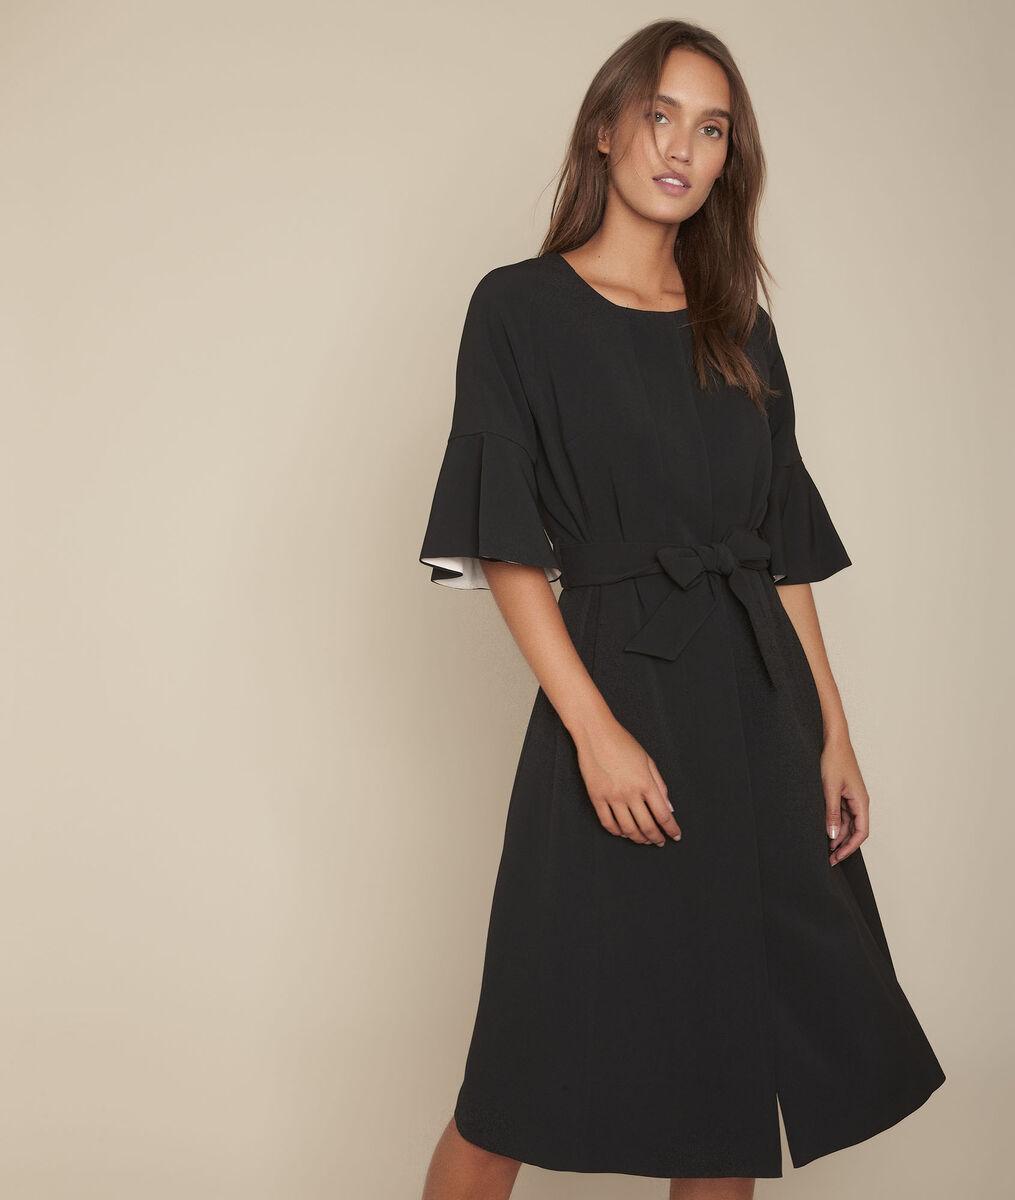 Kompaktes, schwarzes Kleid Reine